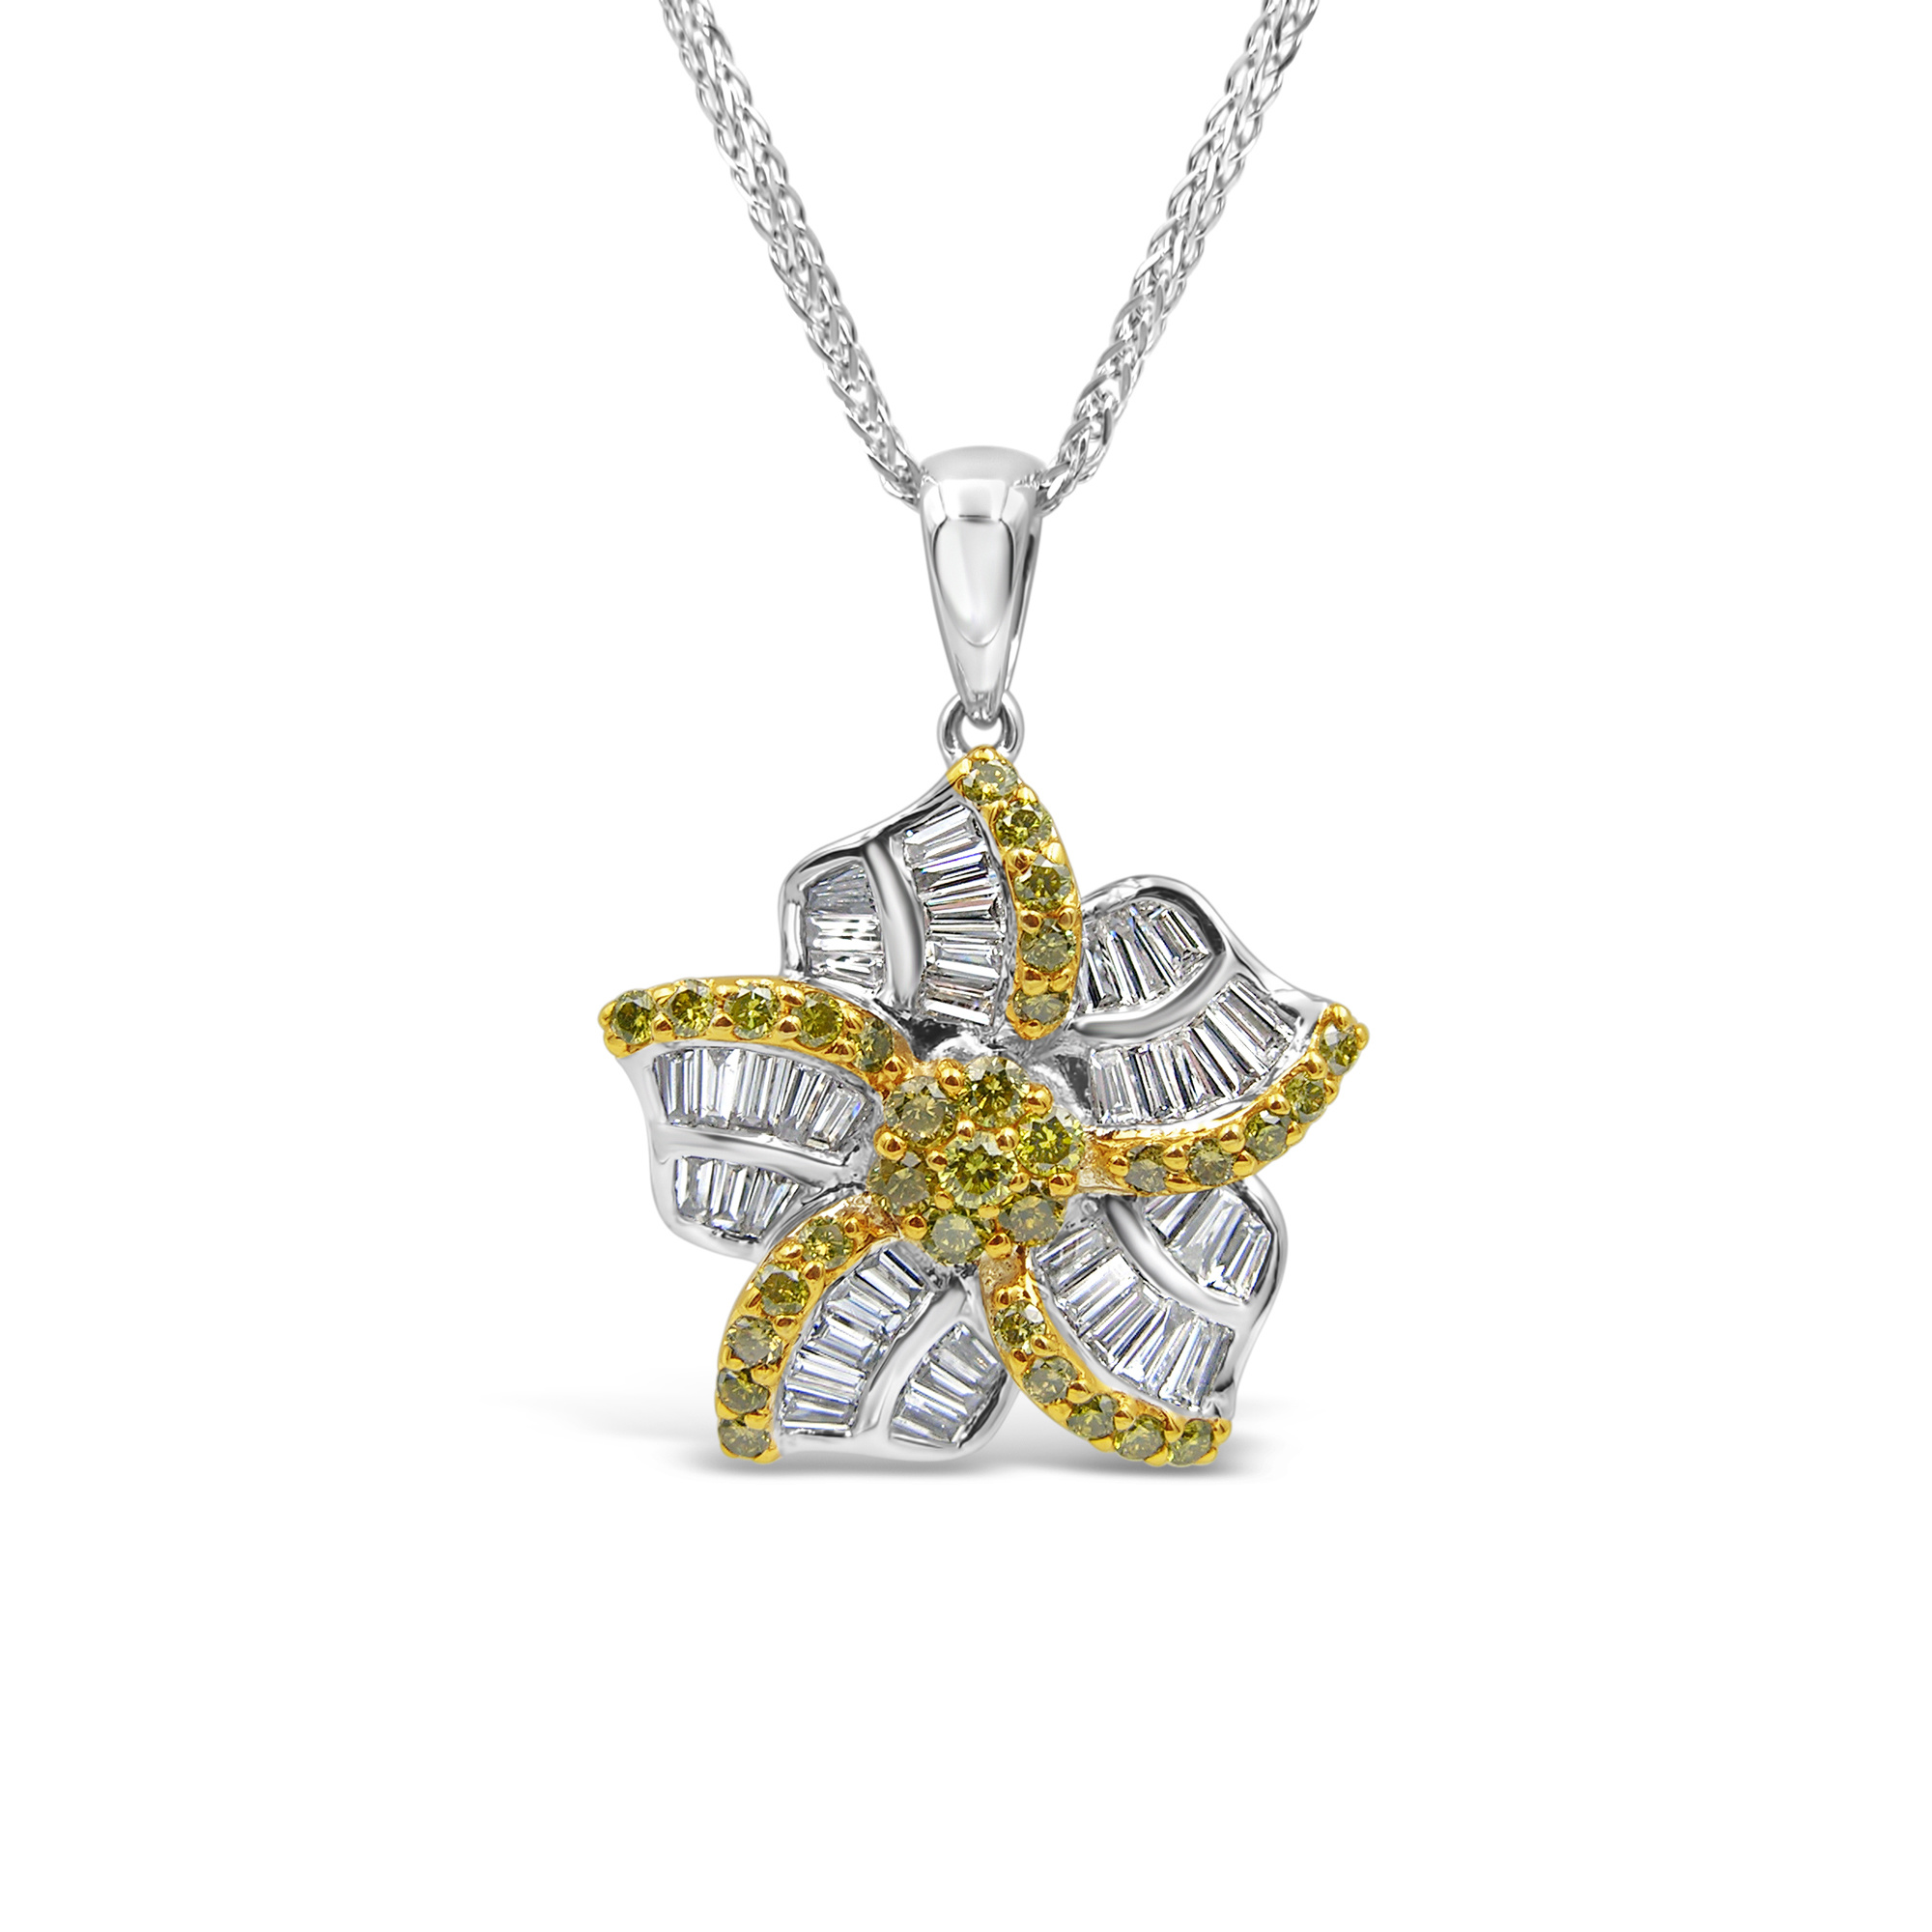 18k witl goud hanger met 1.50 ct diamanten